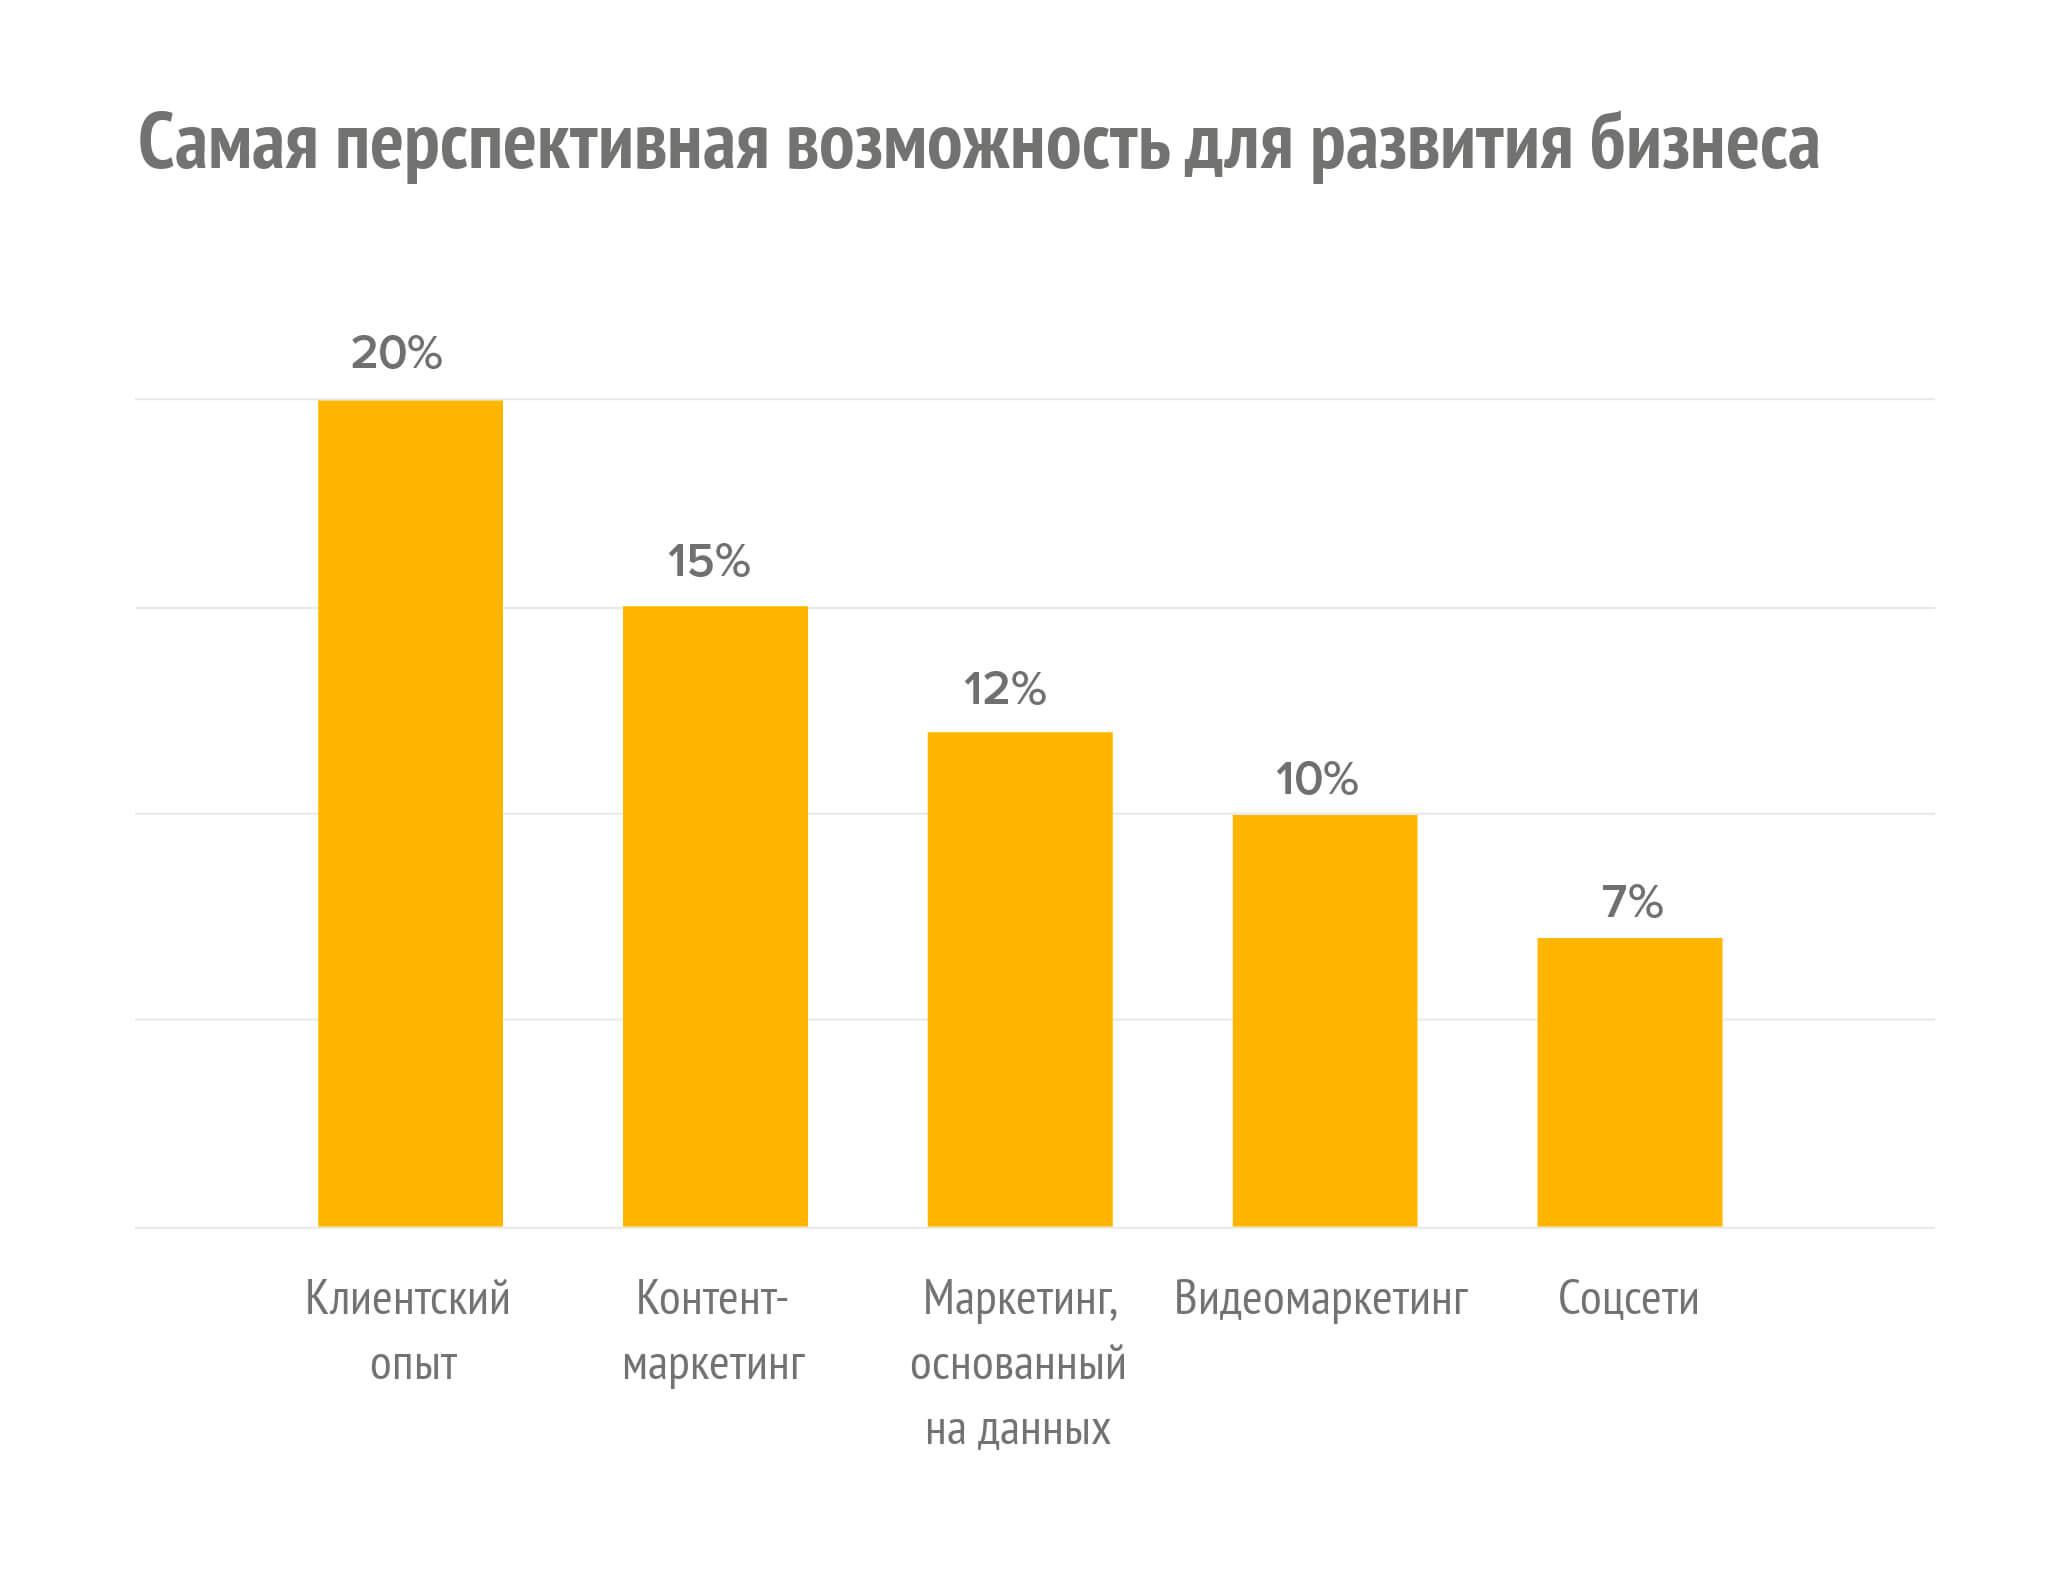 Клиентский опыт статистика